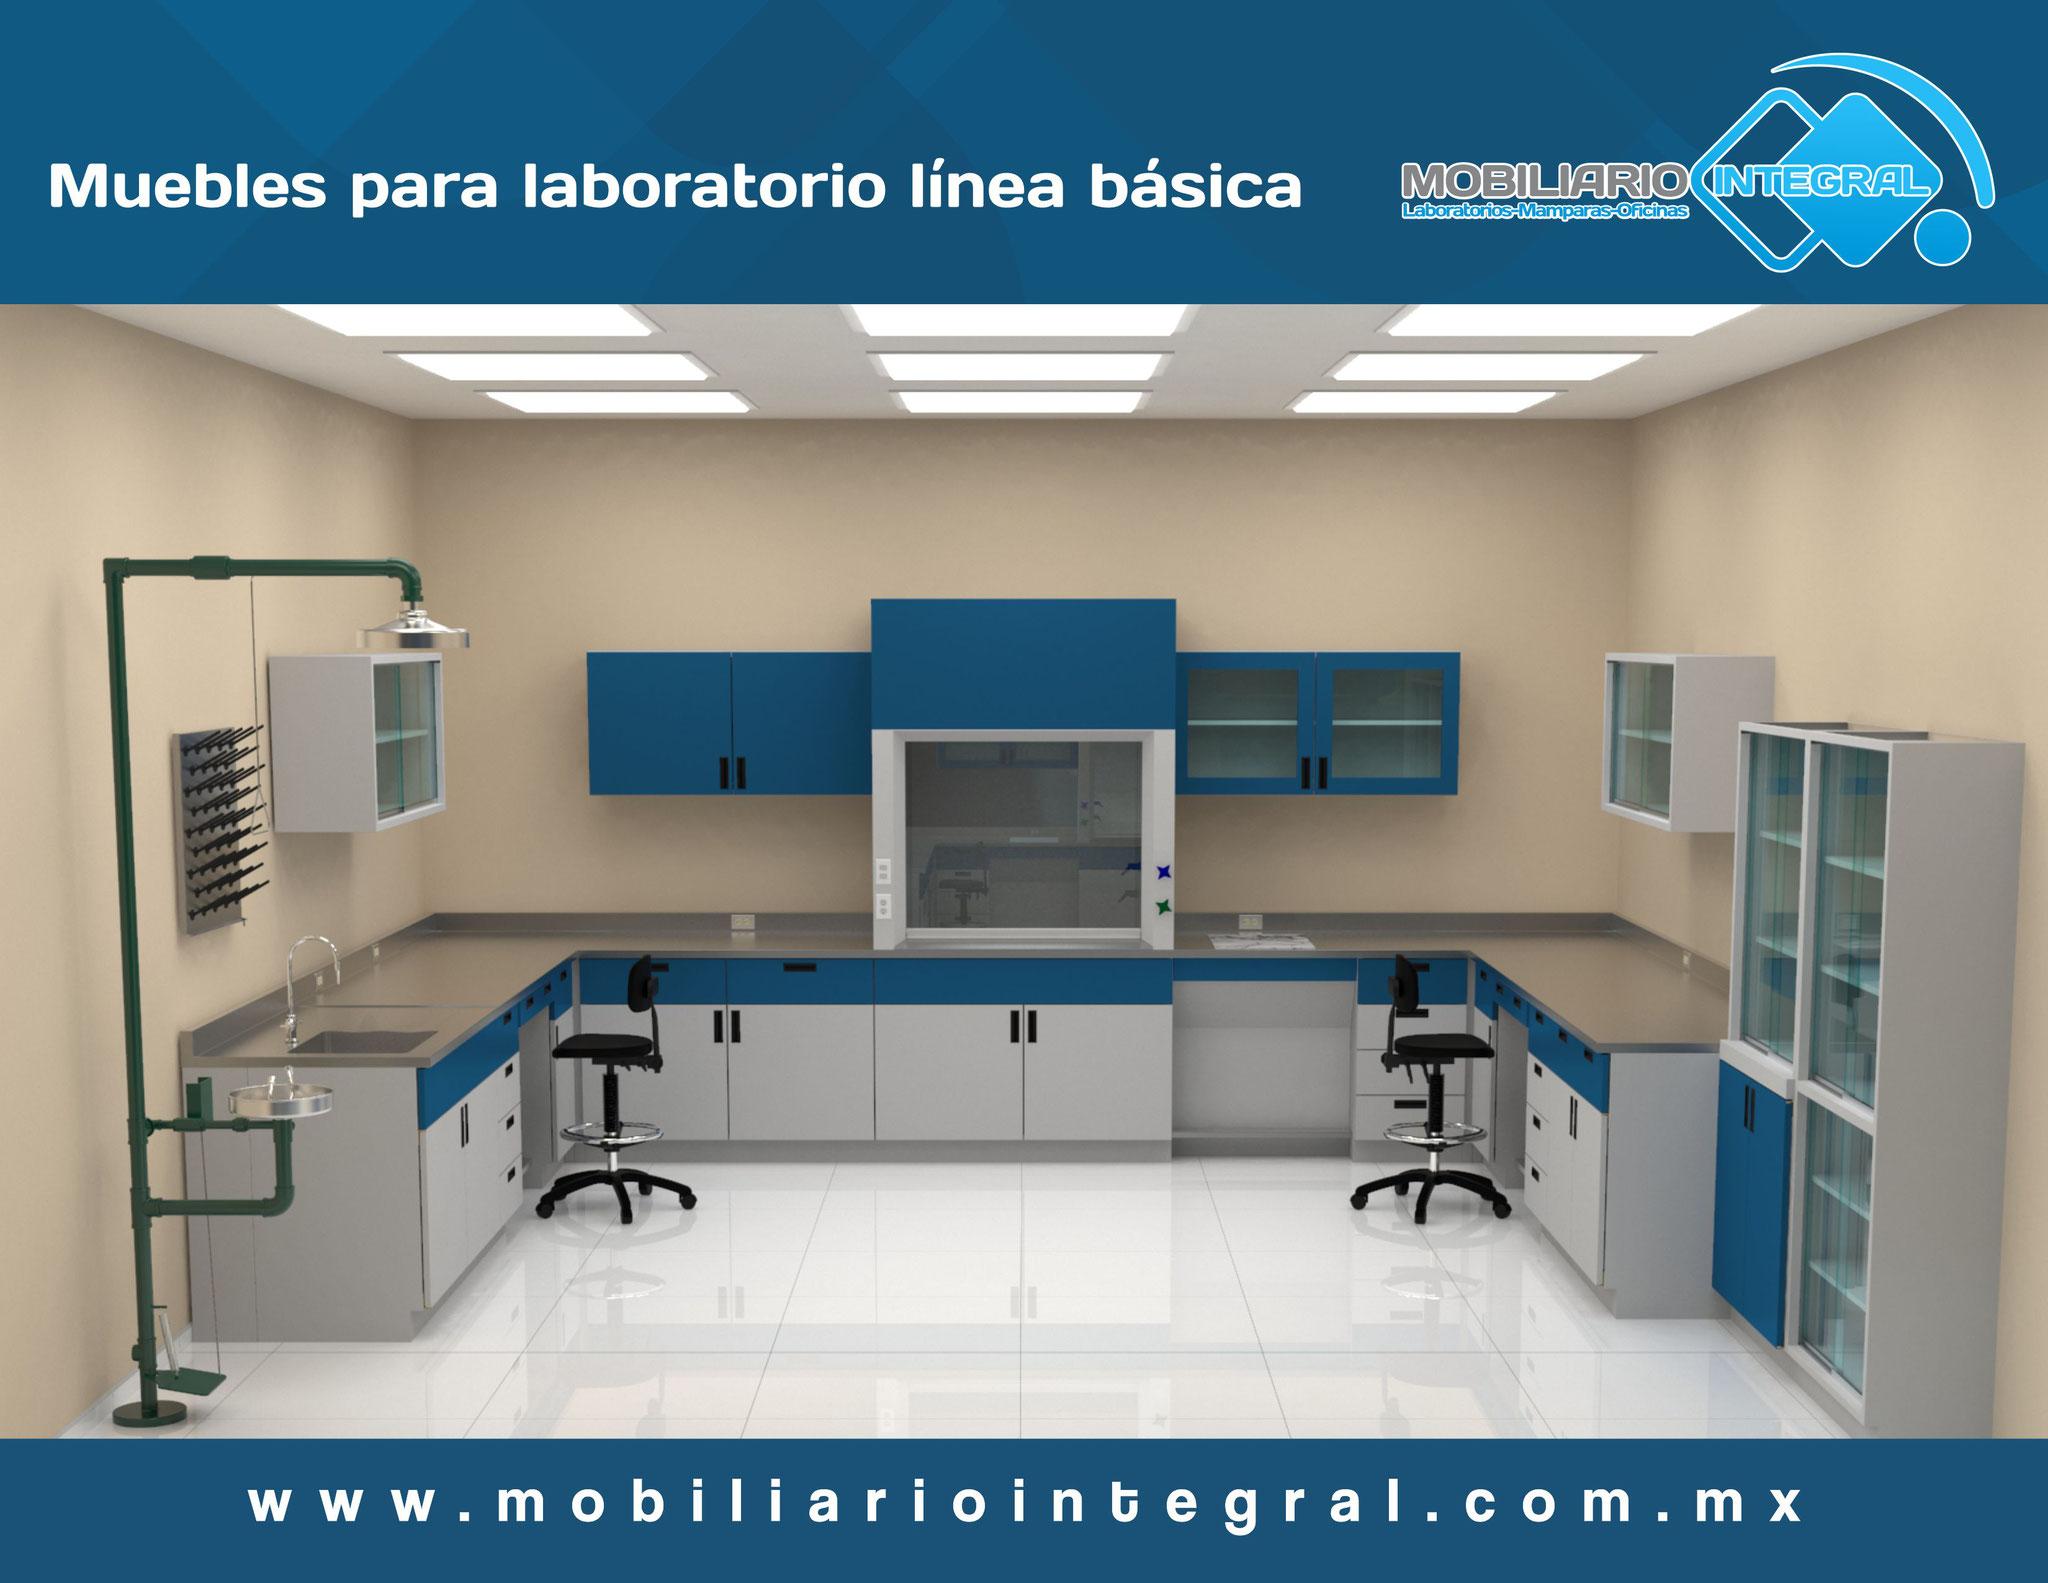 Muebles para laboratorio en Gómez Palacio